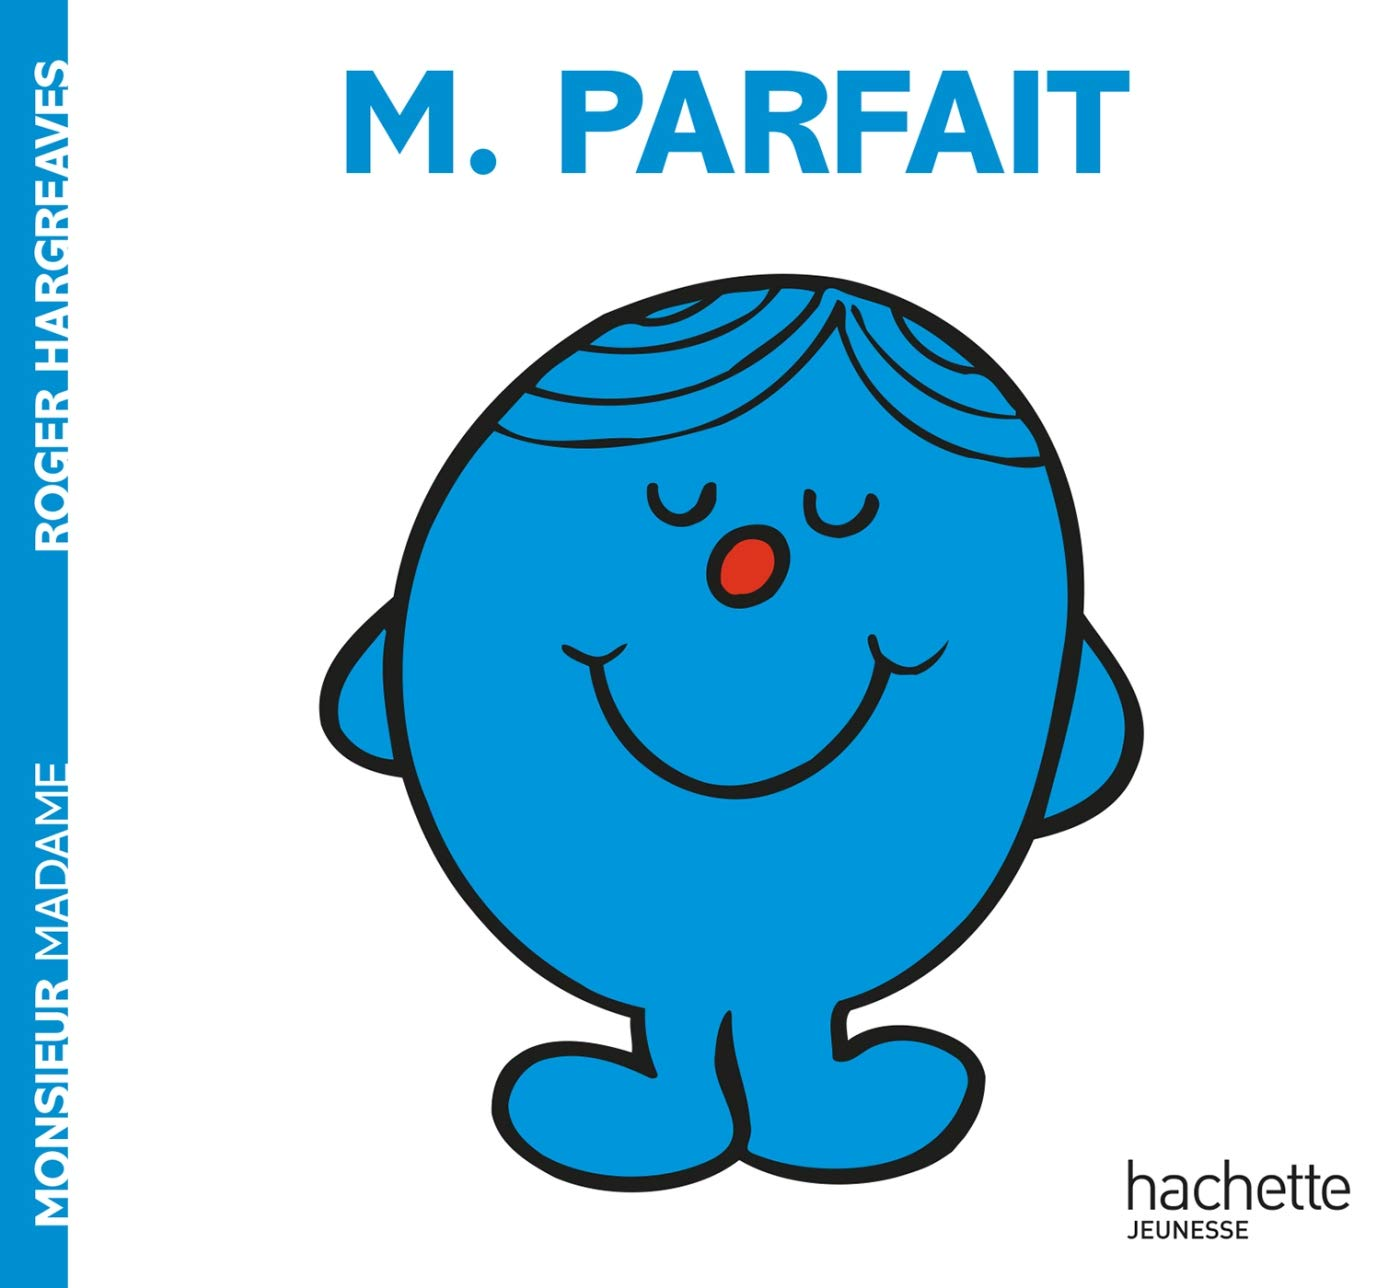 Monsieur Parfait – Responsable de la perfection, Labo LPM